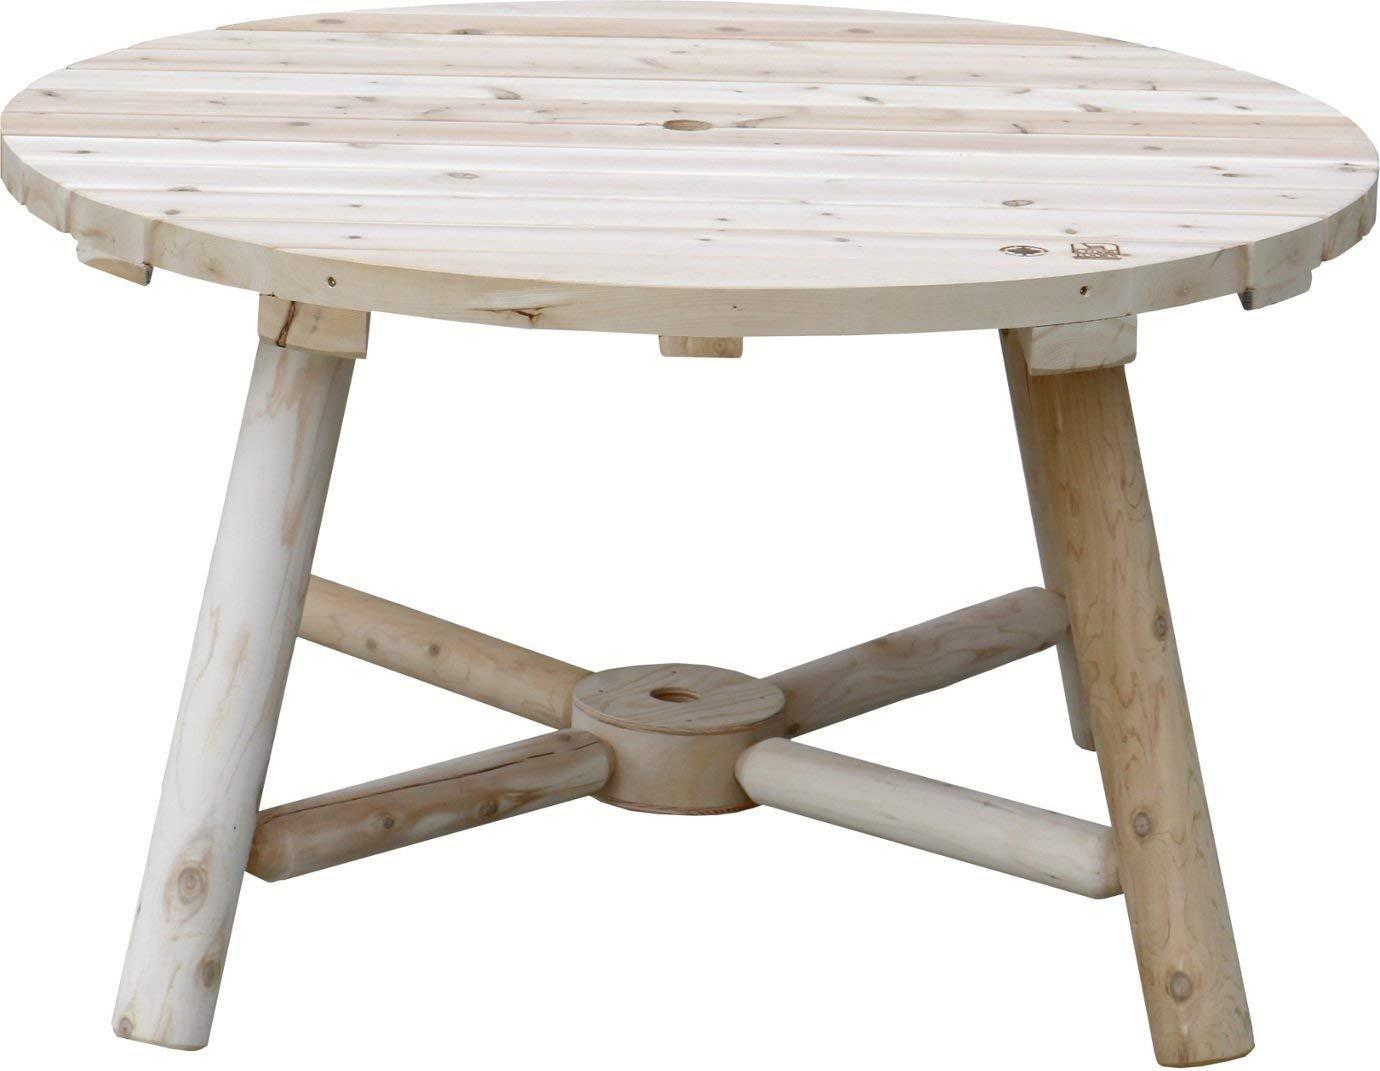 アウトドアテーブル ガーデニング 屋外 テーブル キャンプ パラソル穴 ラウンドテーブル B07G2YY4JV  ラウンドテーブル